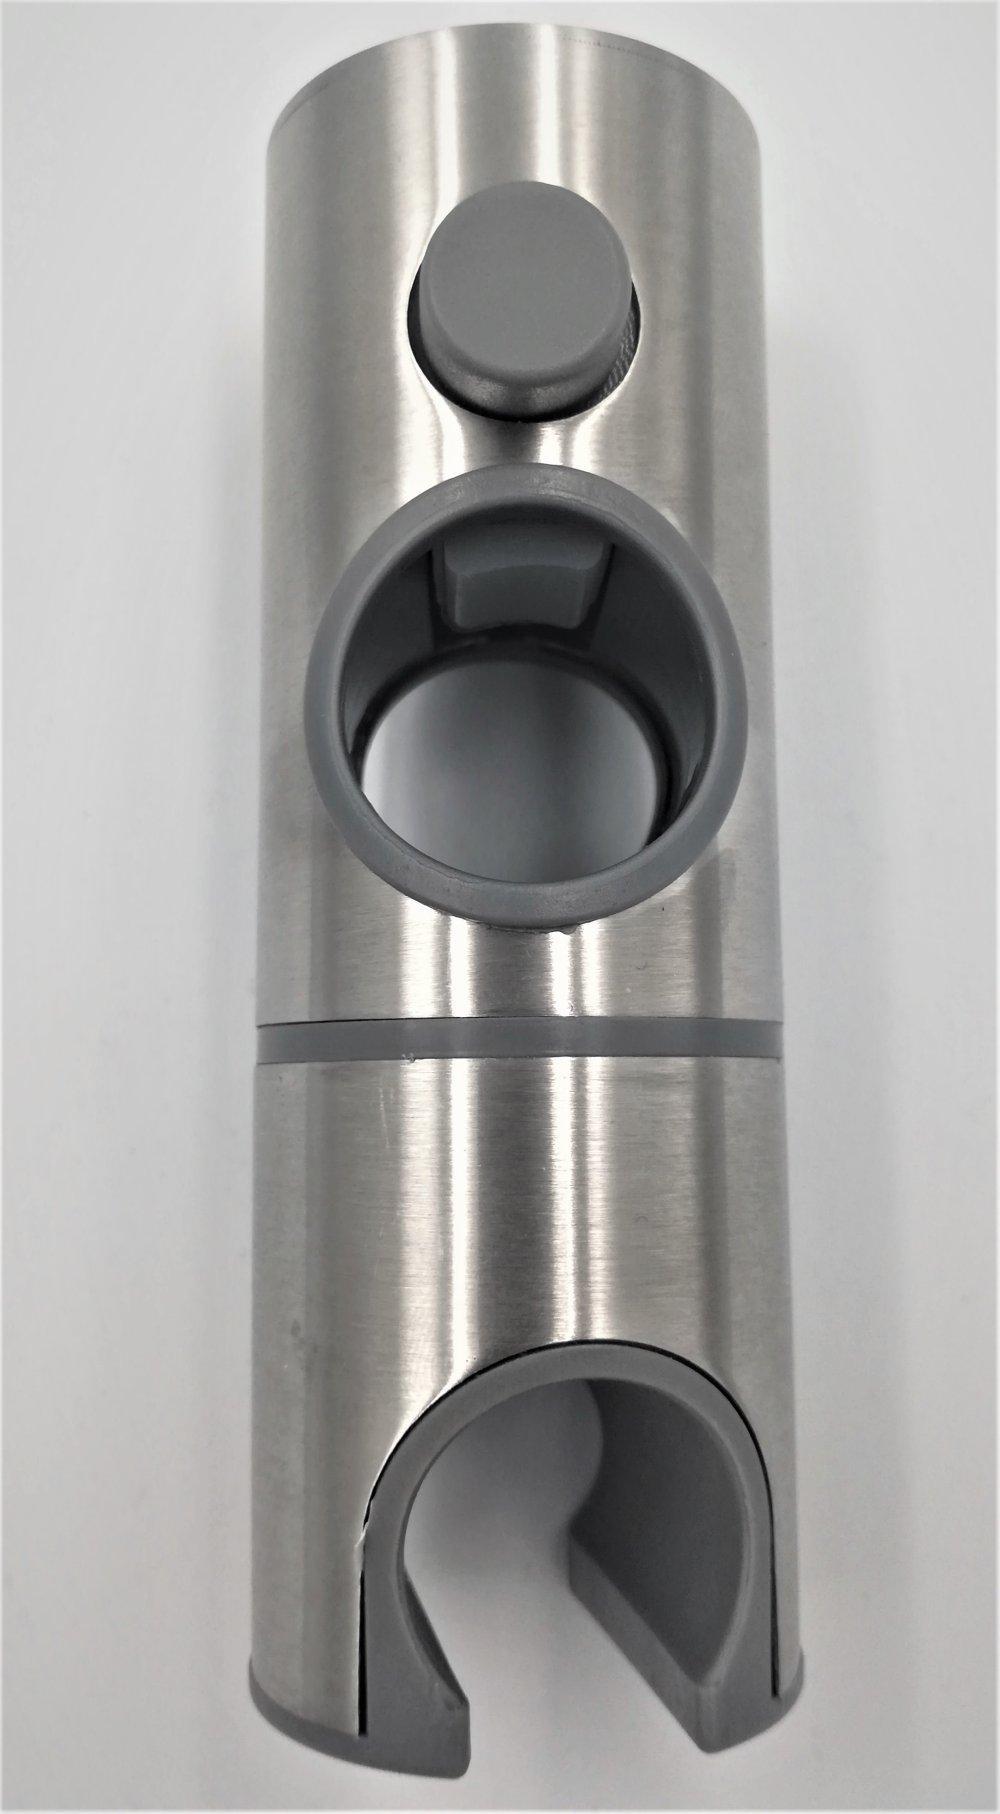 Verstellbarer Duschkopfhalter aus Edelstahl , Duschkopf, Handbrause Halter